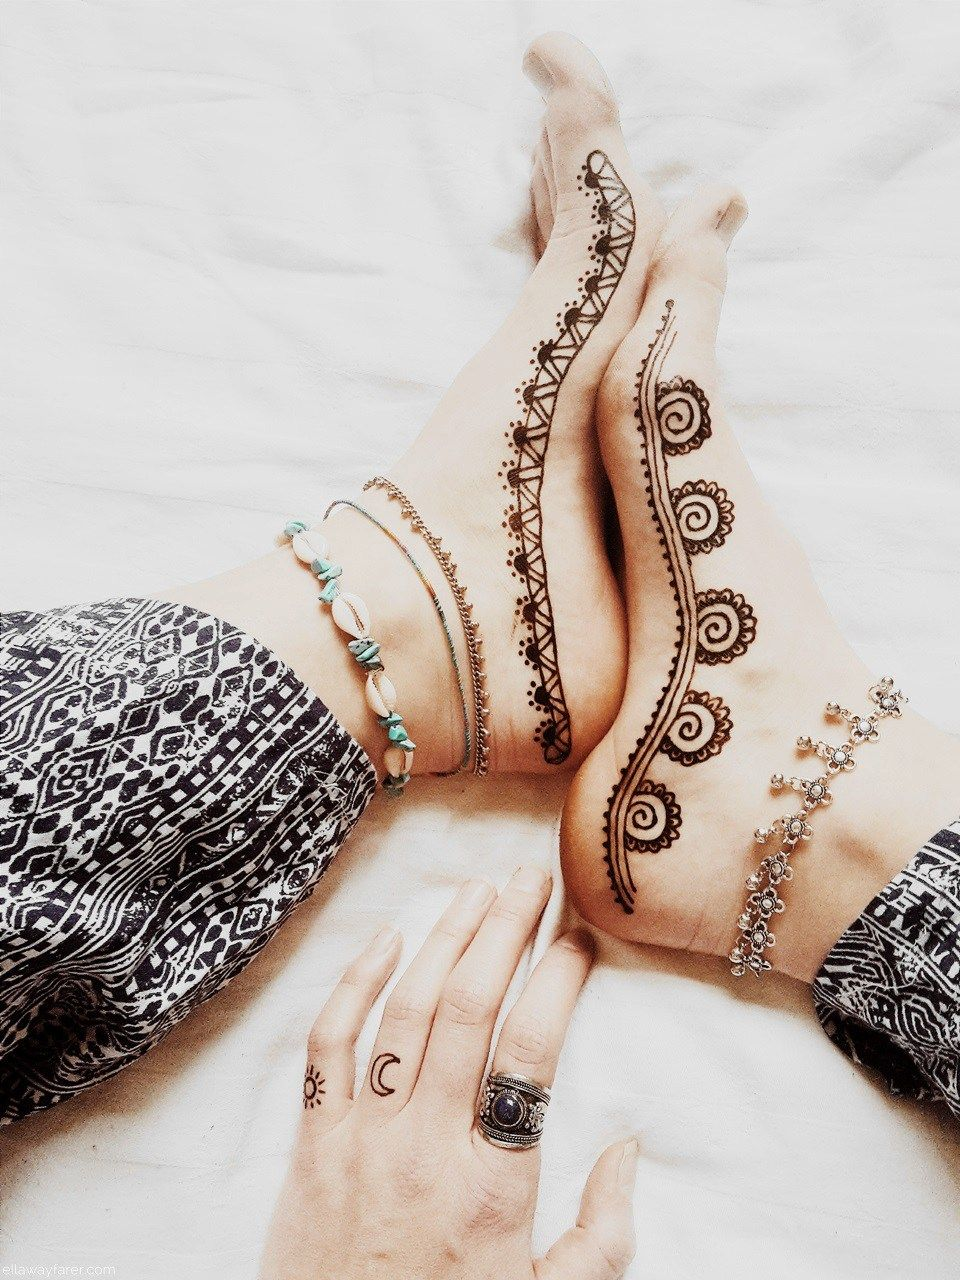 Henna Tattoo Henna Henna Henna Tattoo Designs Und Henna Tatoo